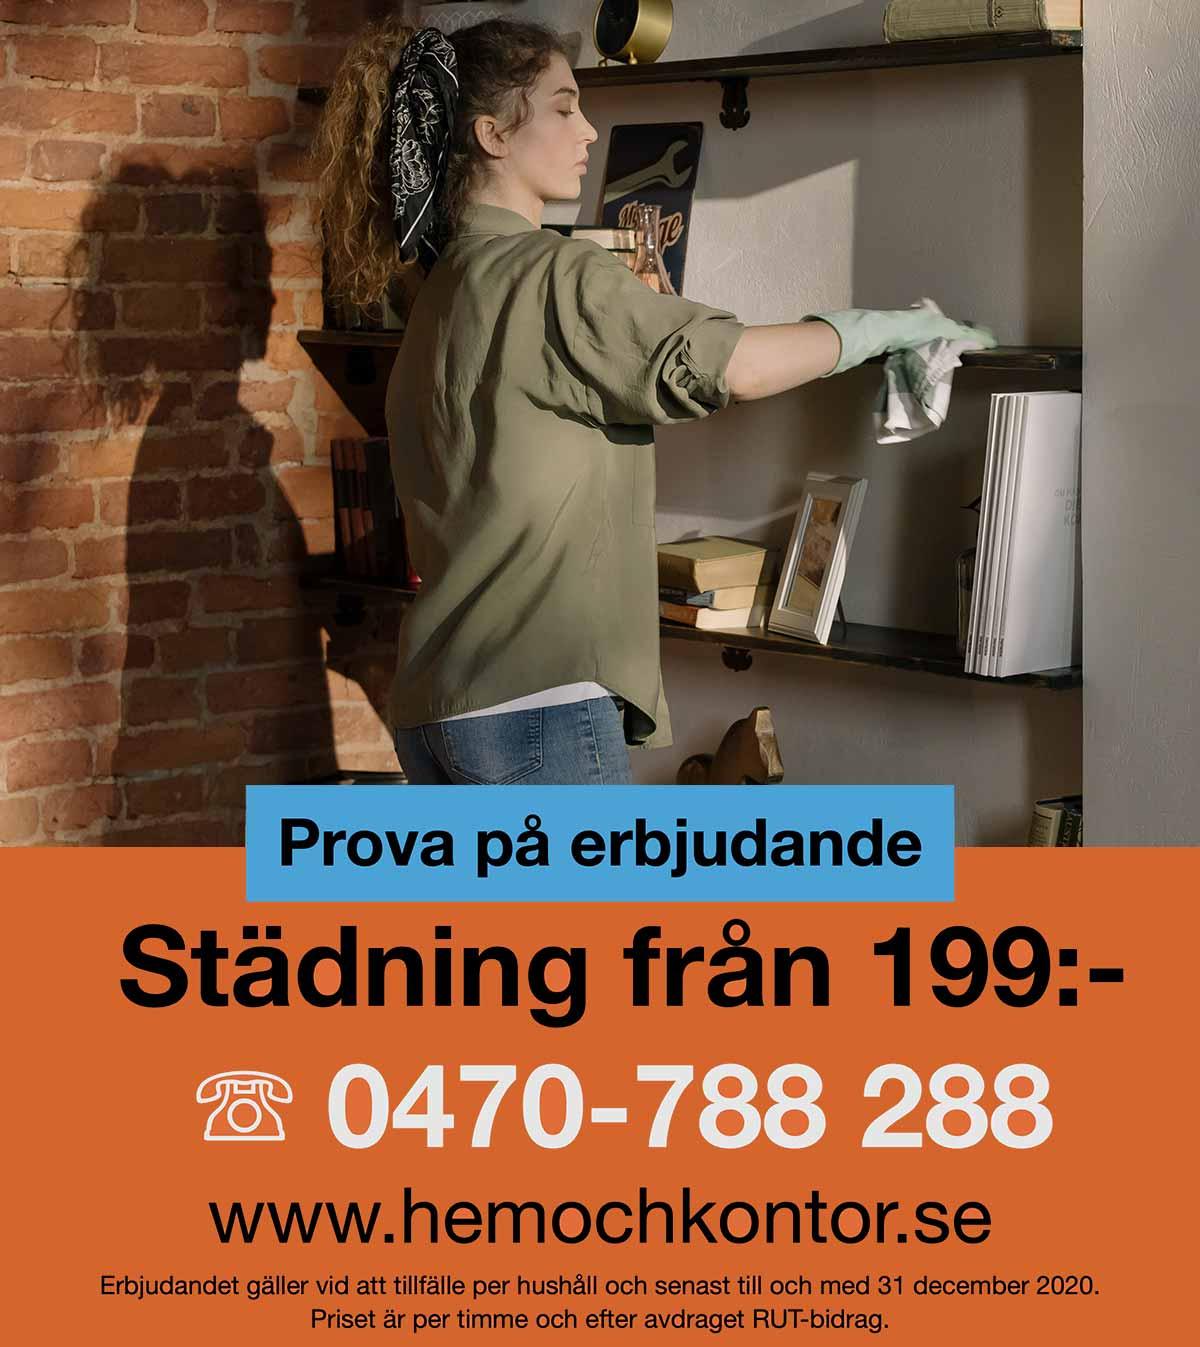 Erbjudande - prova på städning i Växjö.